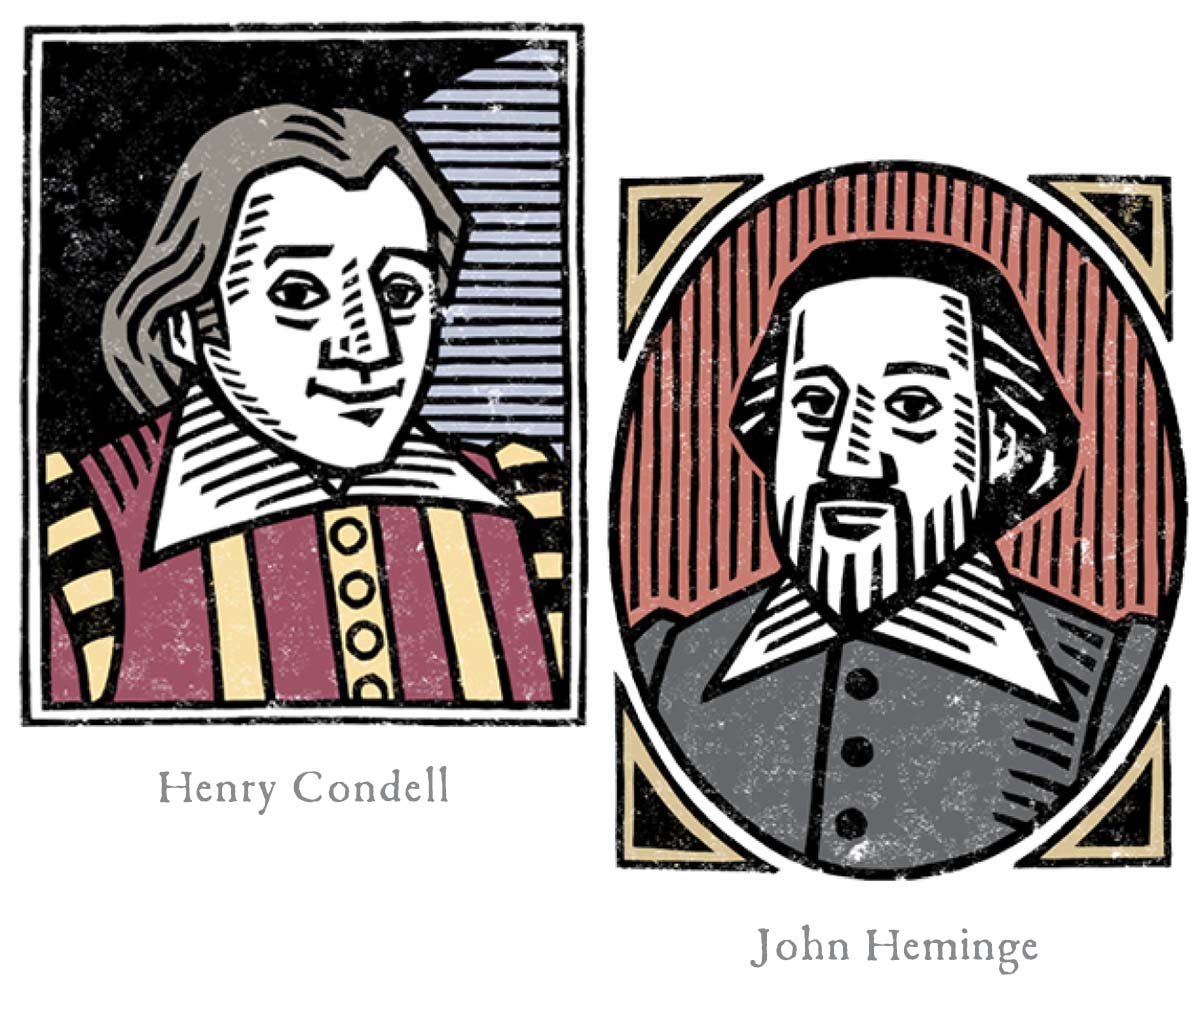 Henry Condell and John Heminge